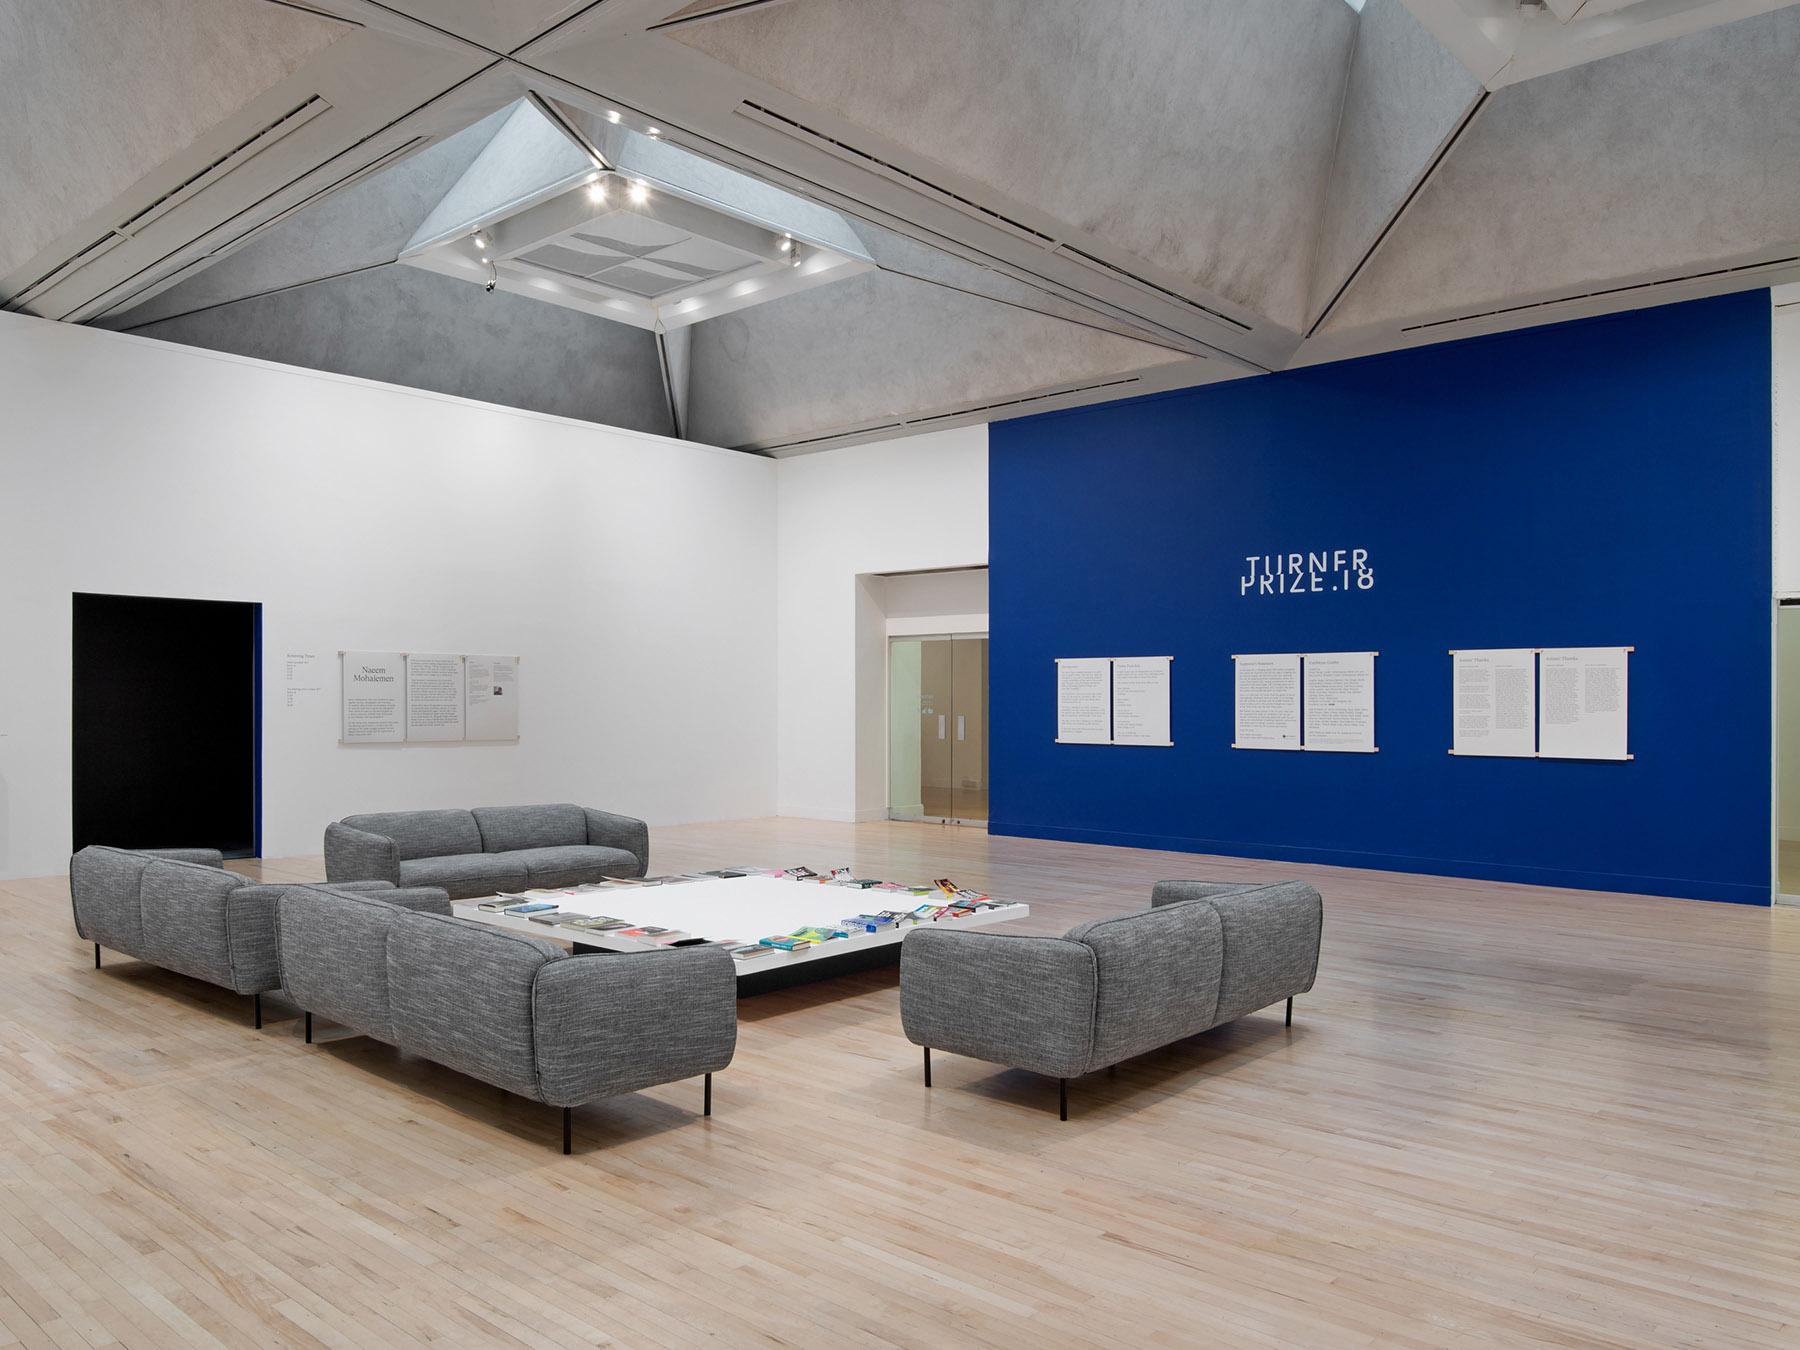 Turner Prize 18 Tate Britain exhibition design